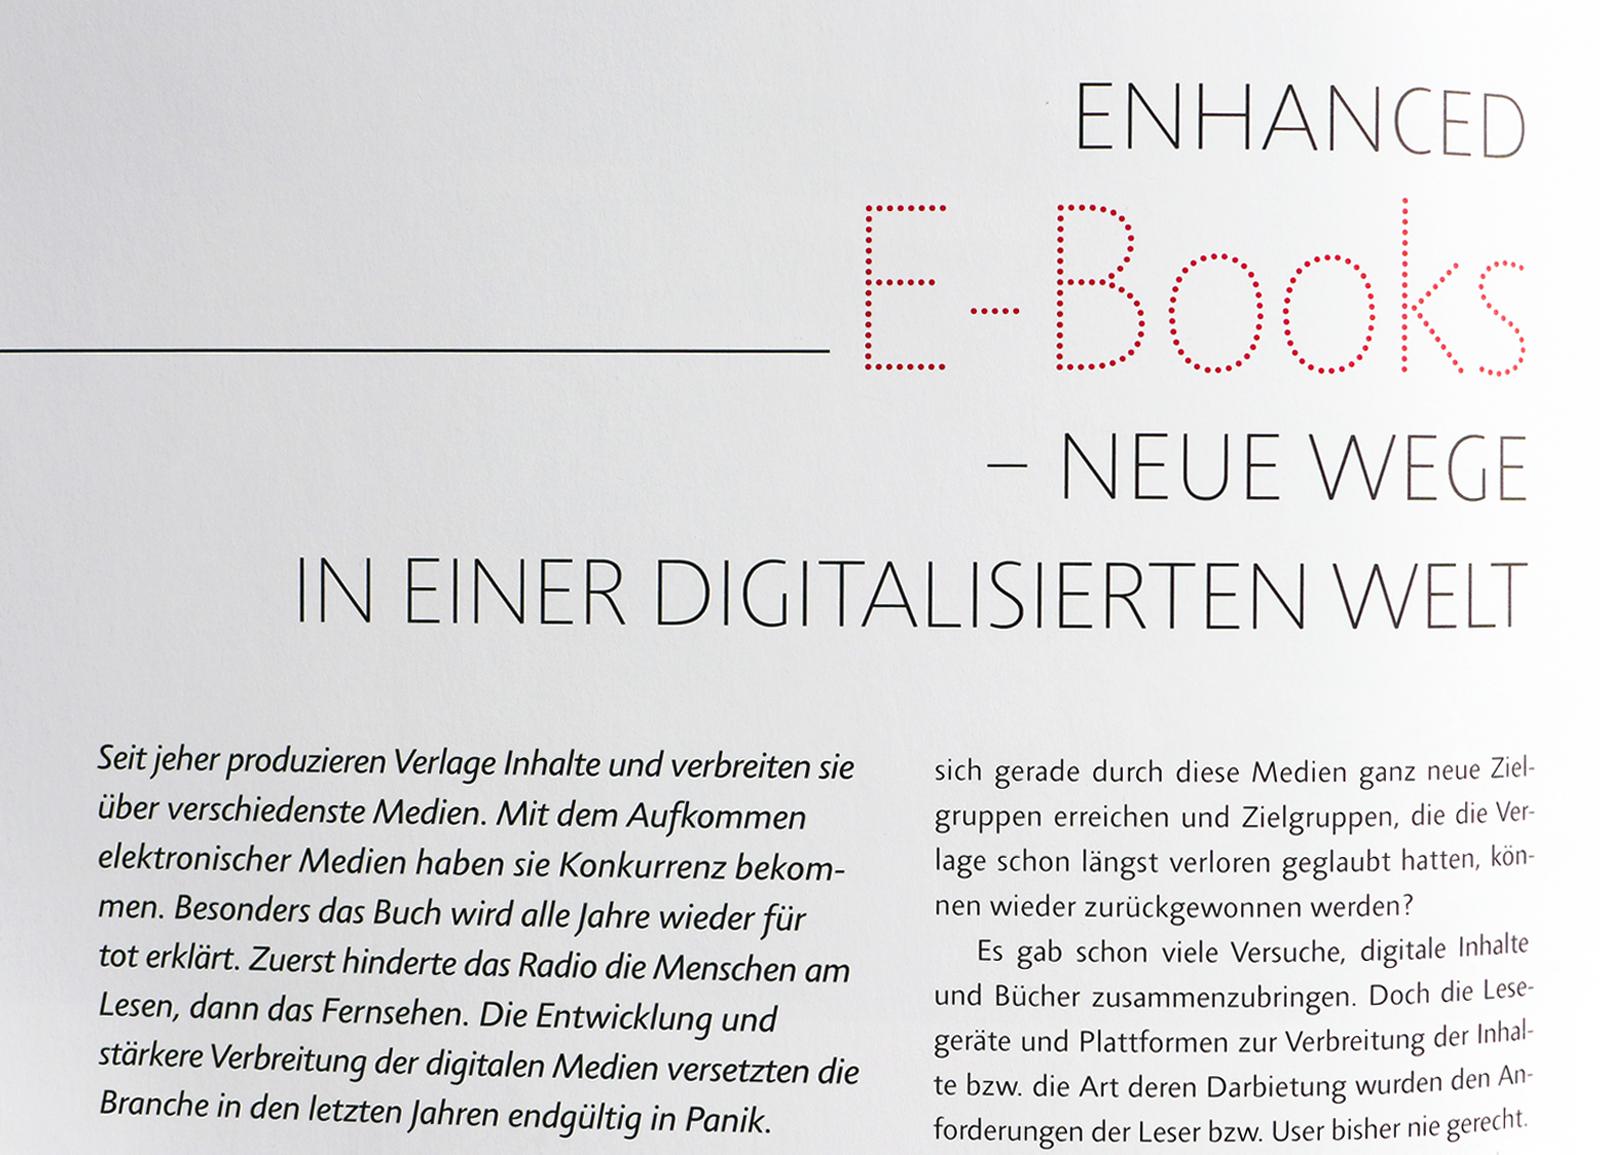 Abbildung aus der Zeitschrift Streifband für Auszubildende in Verlag und Buchhandel, Projekt des Studiengangs Buch- und Medienproduktion der HTWK Leipzig